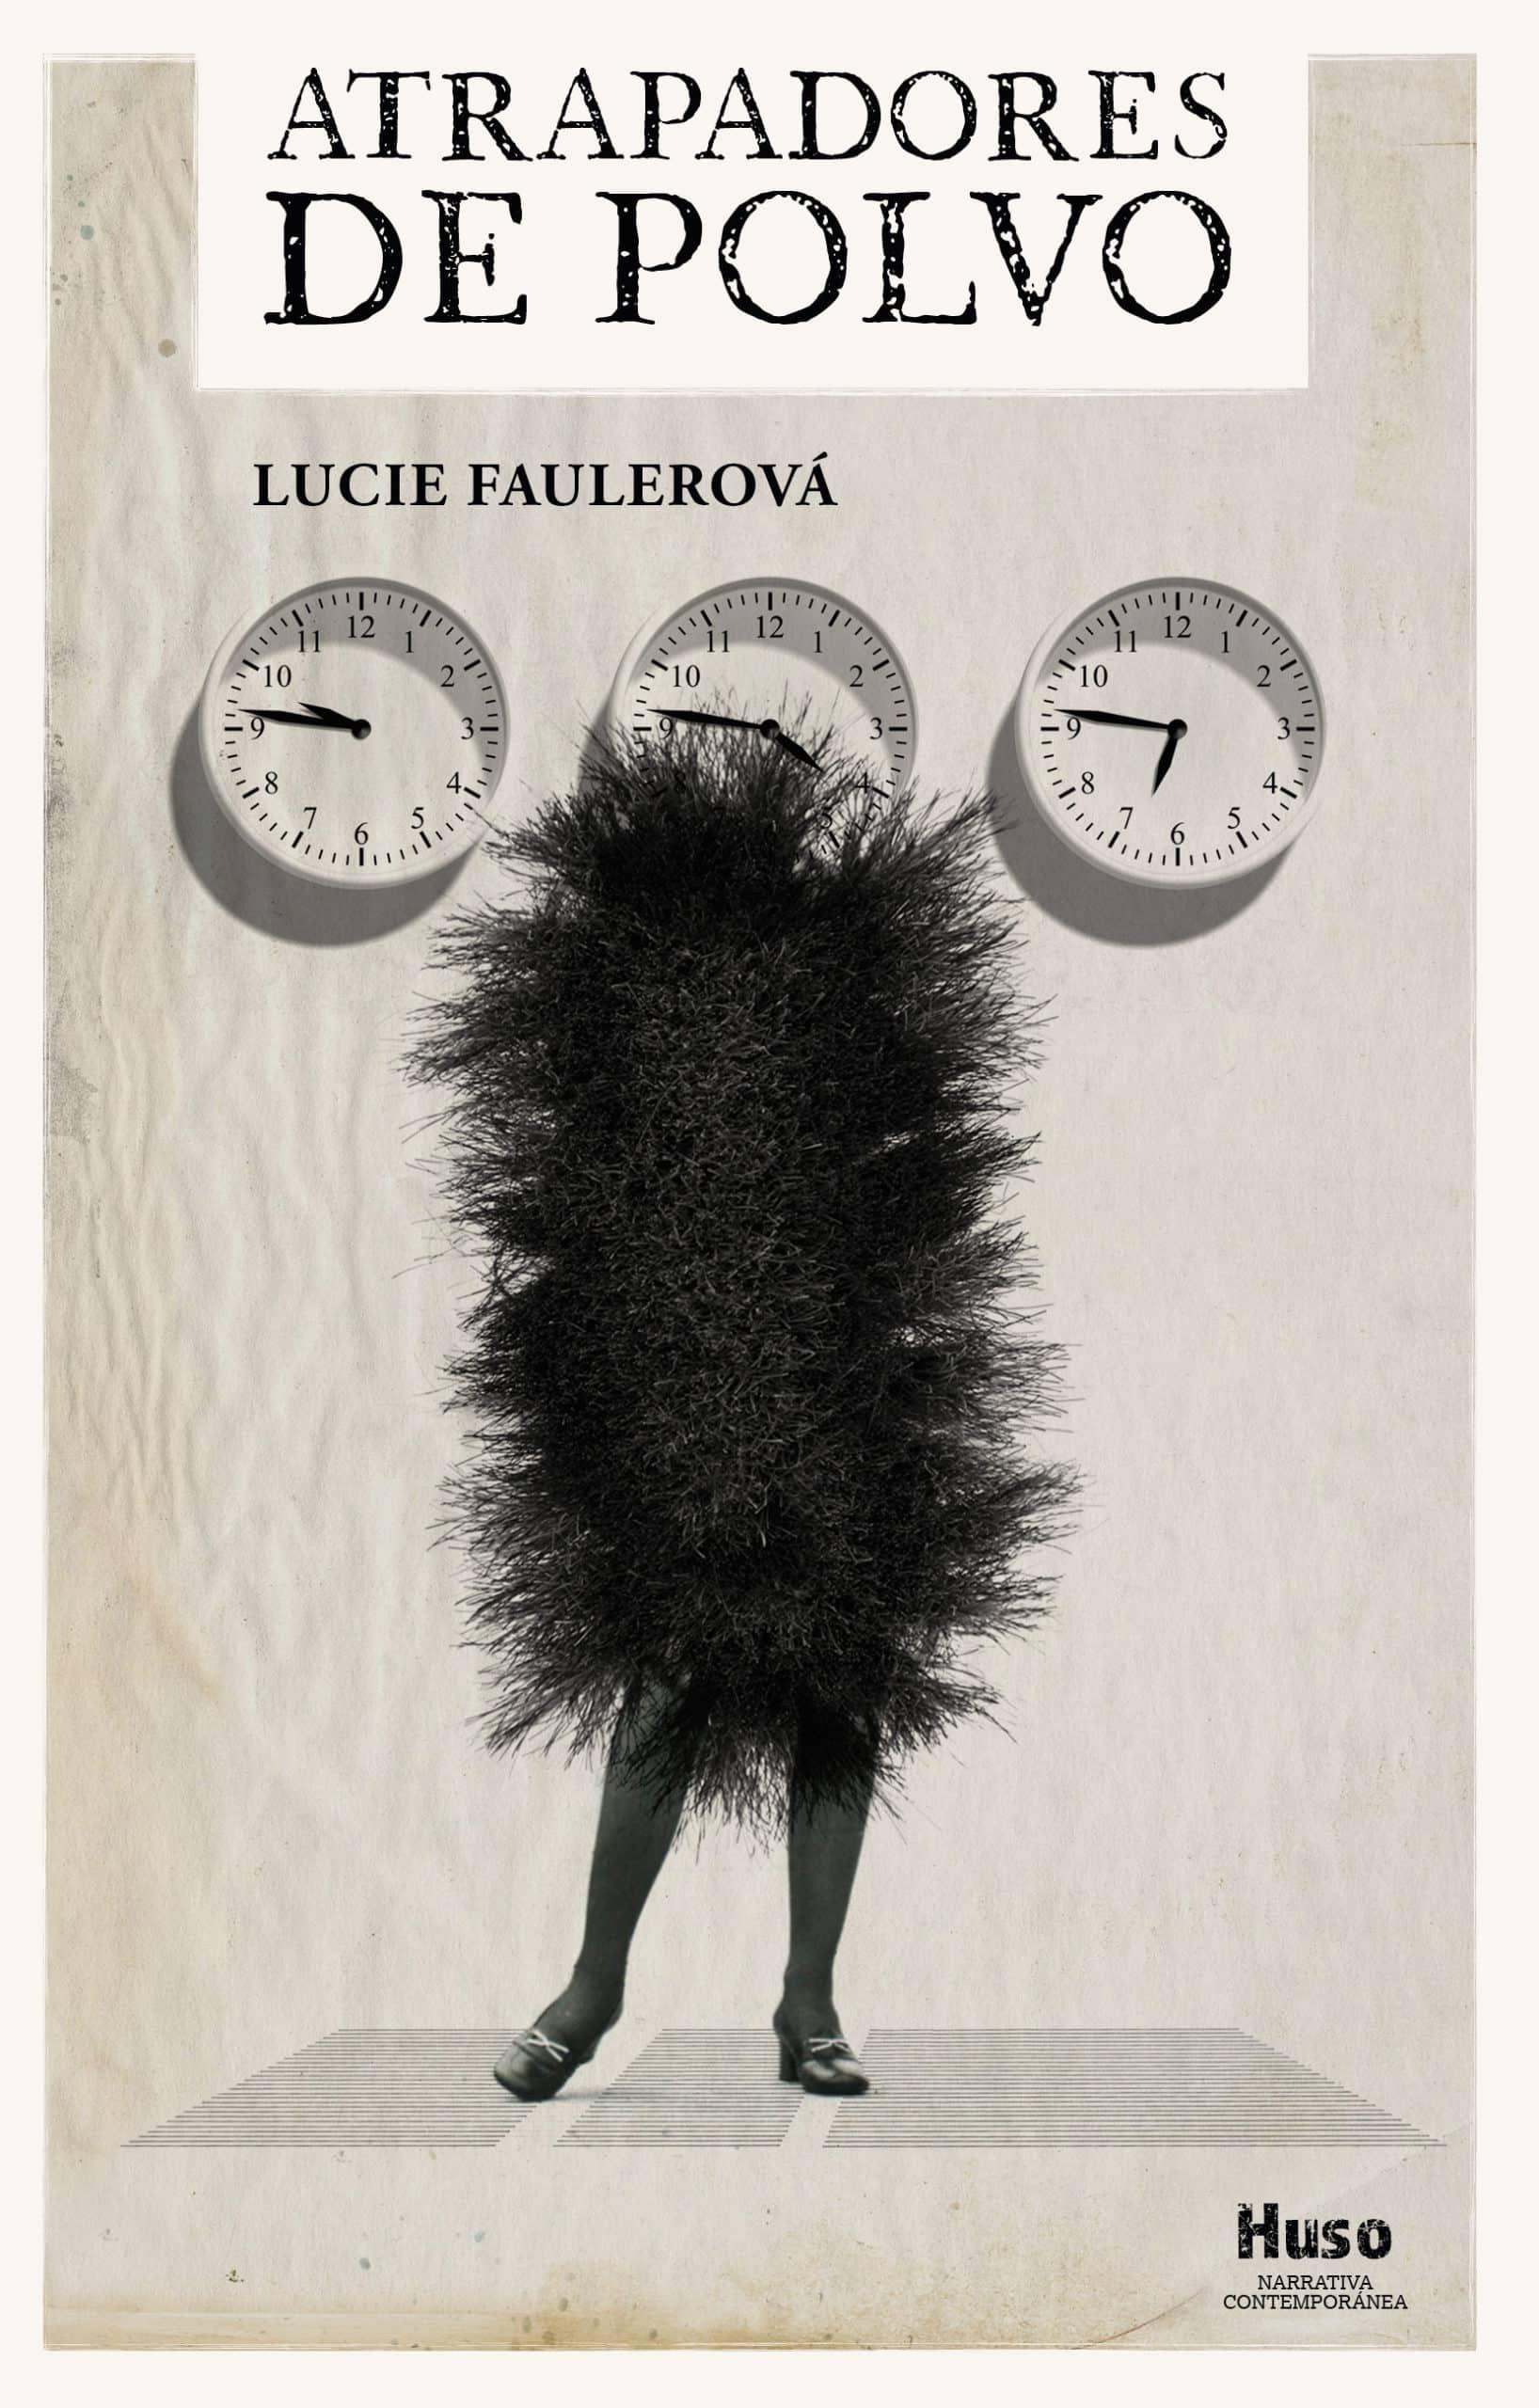 """""""Atrapadores de polvo"""", la primera novela de Lucie Faulerová, llega a España de la mano de Huso ediciones."""